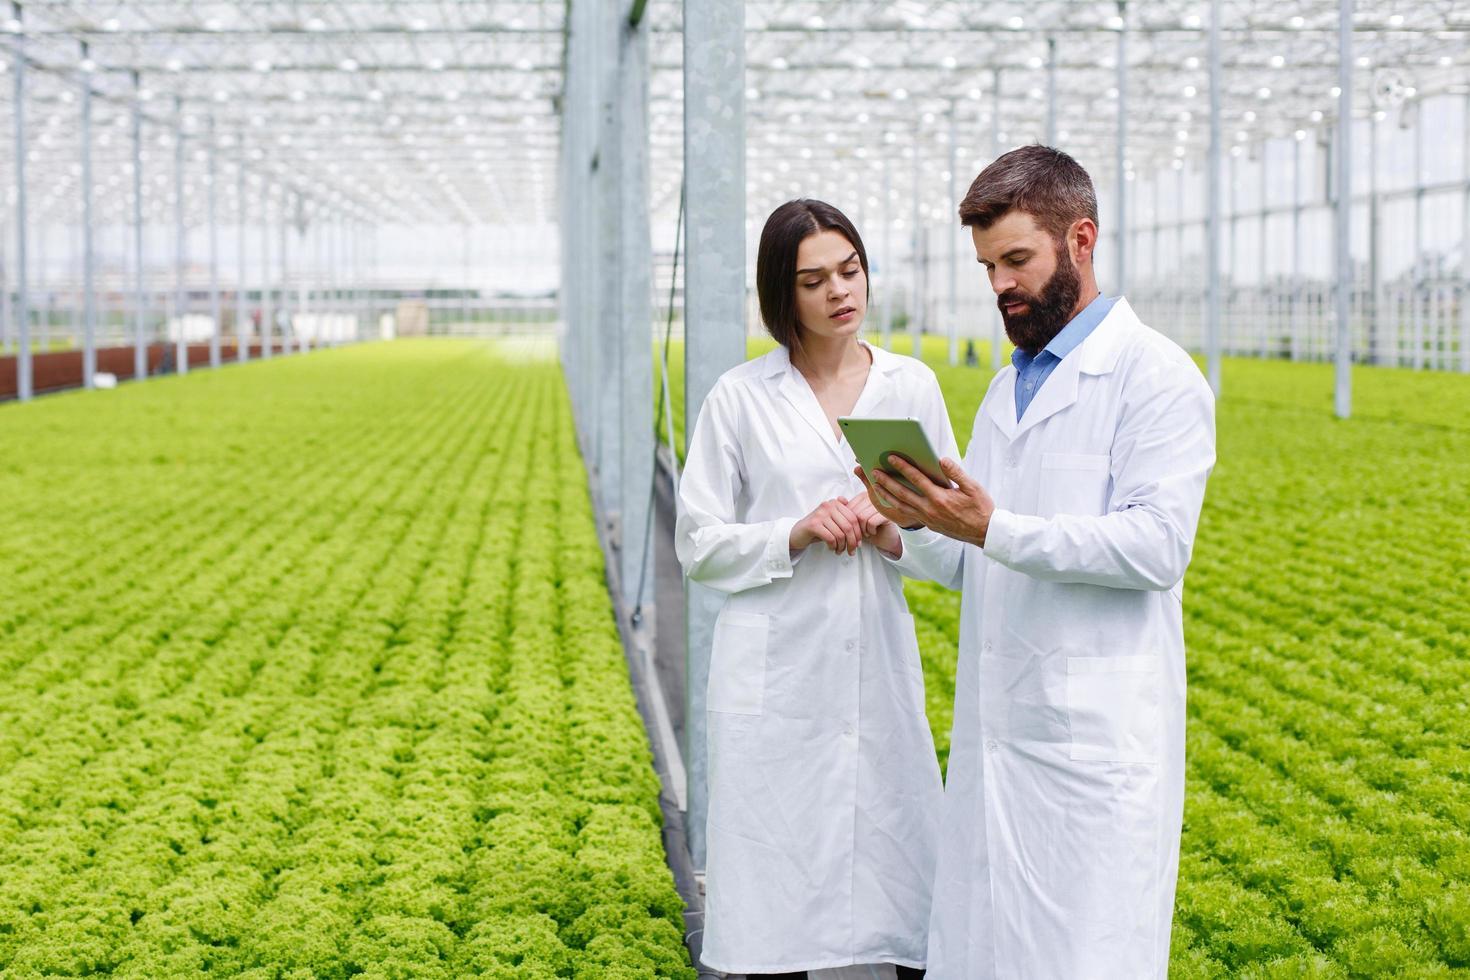 deux scientifiques recueillant des données dans une maison verte photo